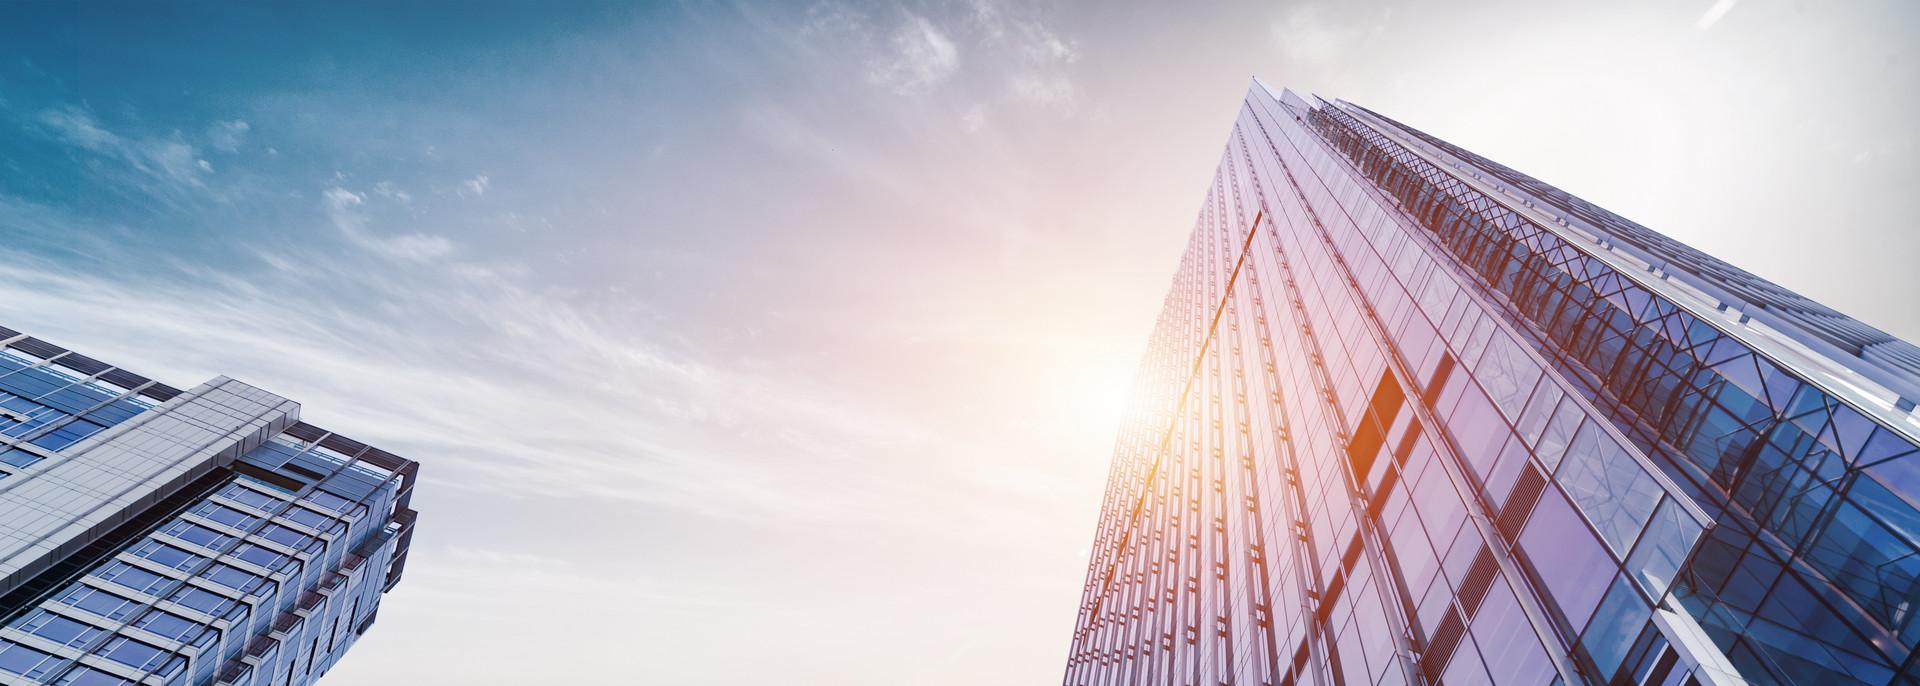 【科创】恒程成功代理深圳市**电气科技有限公司取得光明区高新认定资助